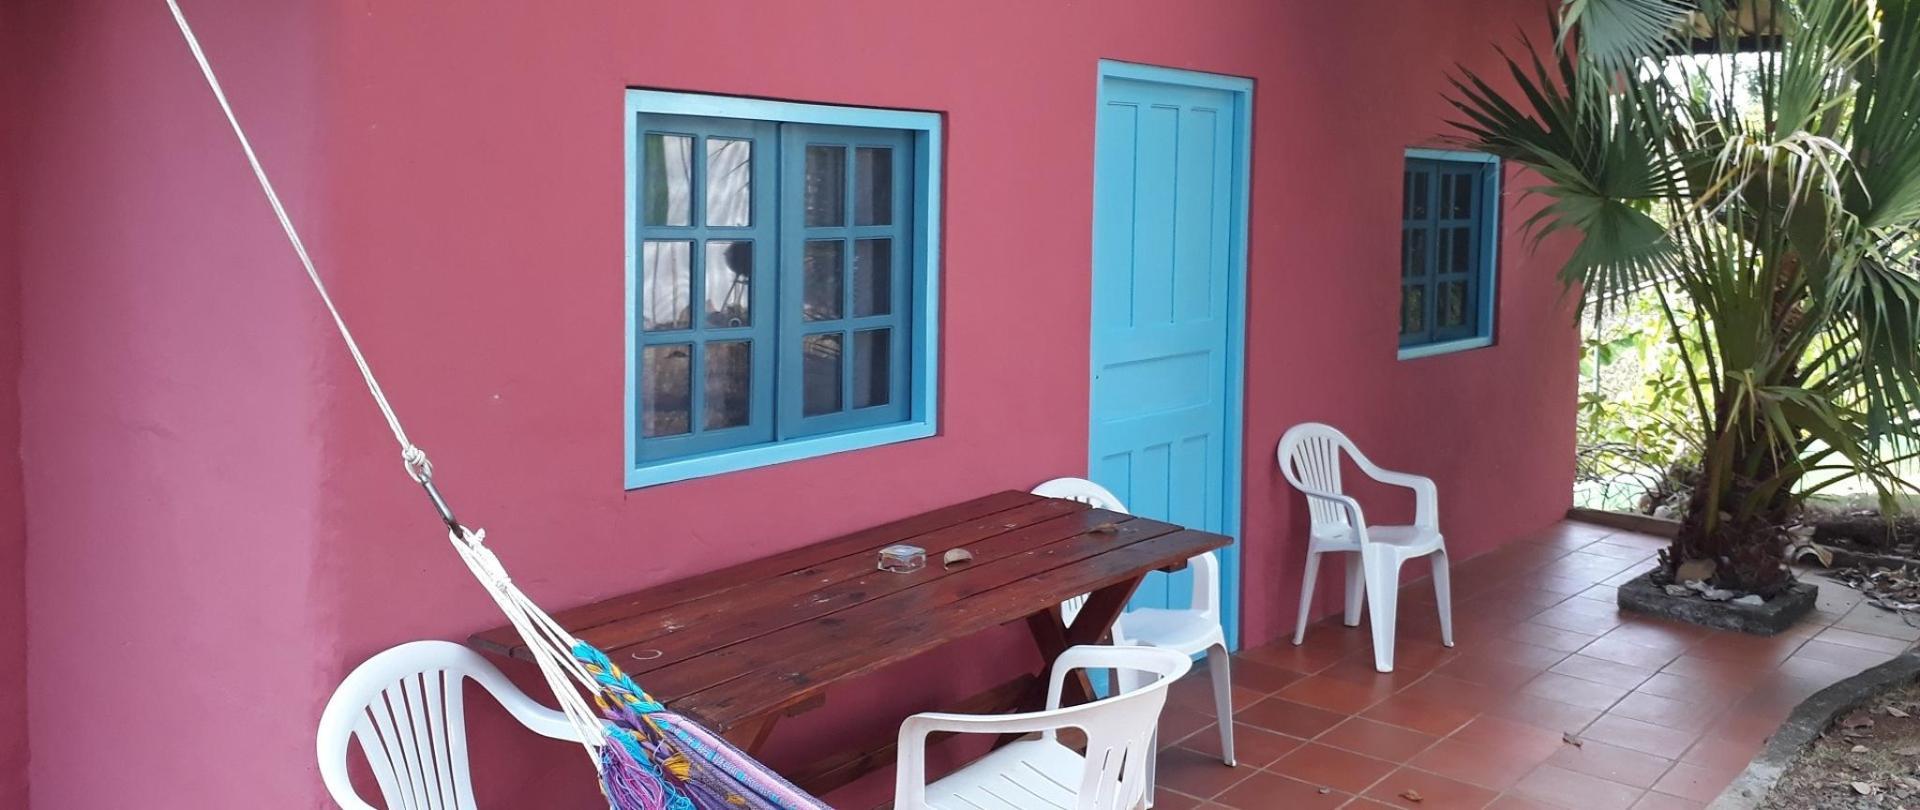 casa rosada 2 web.jpg